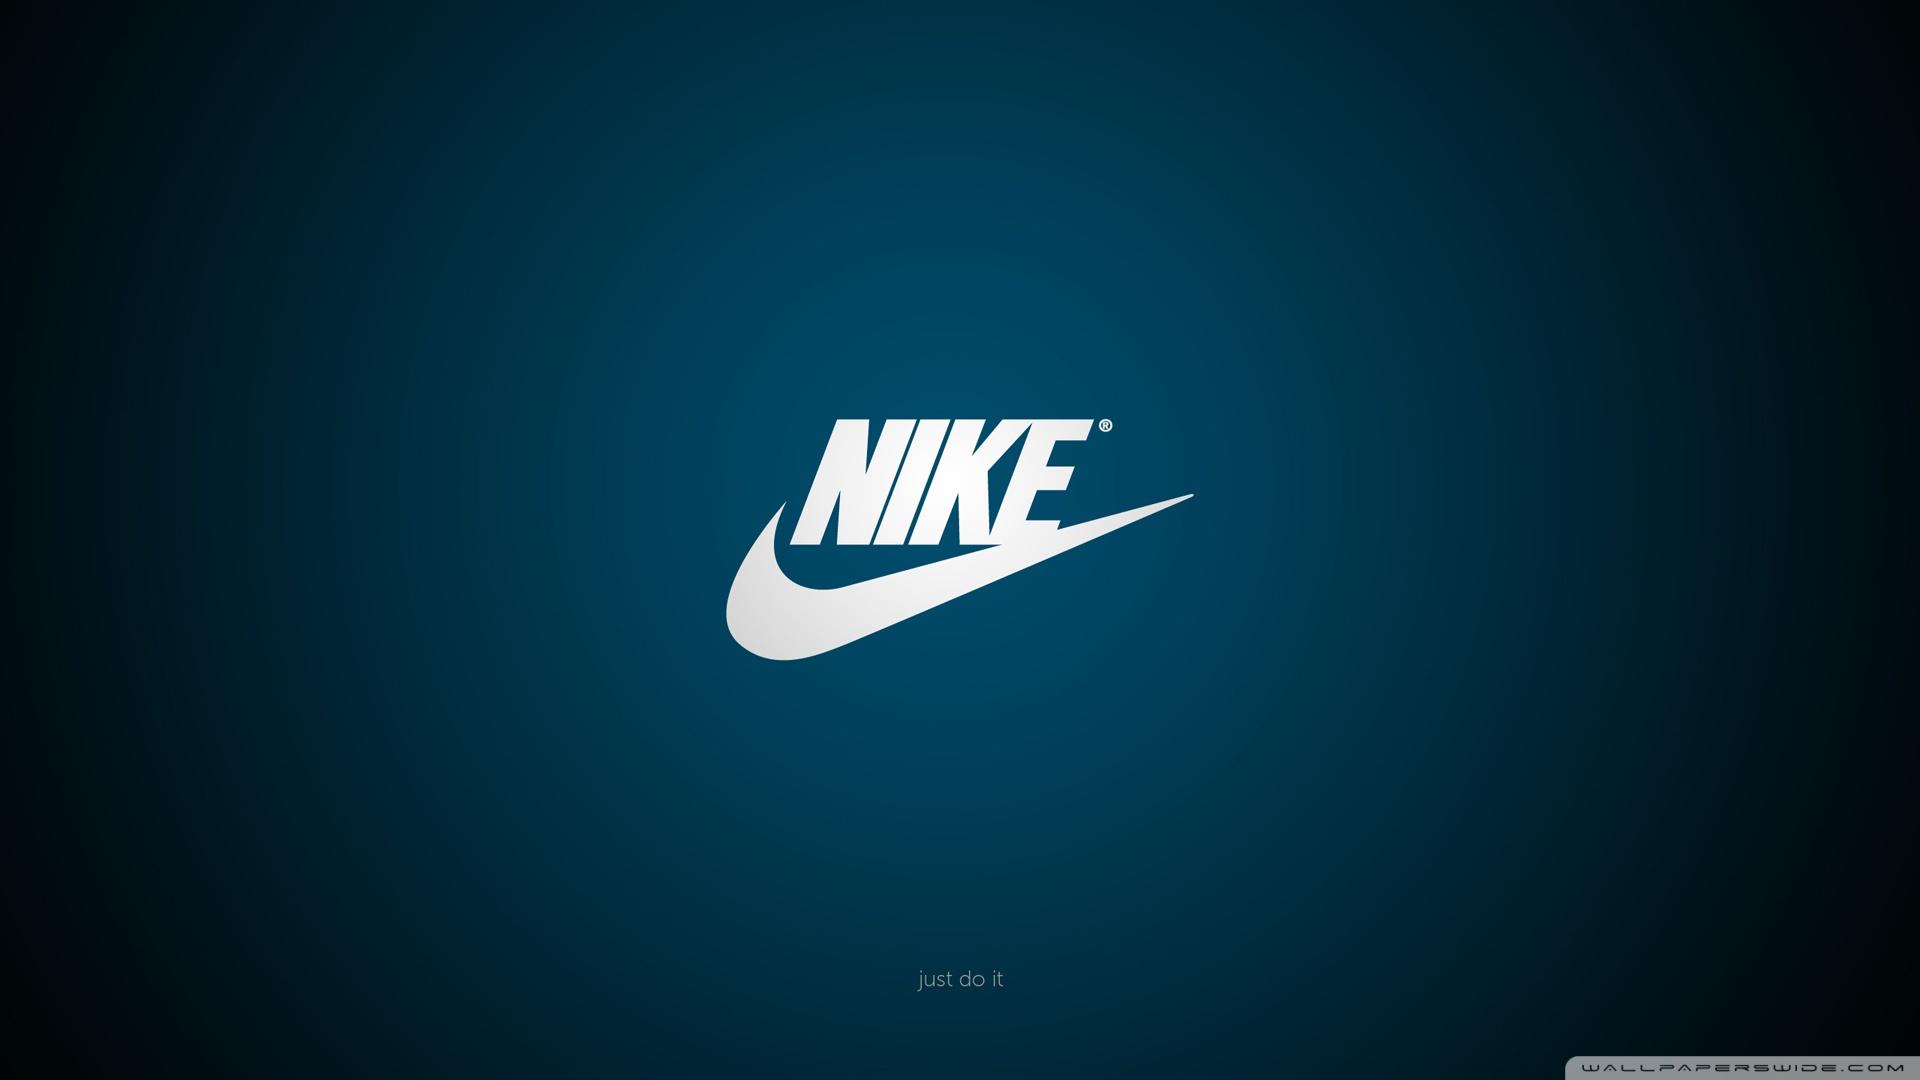 nike logo superman logo logos pictures nike logo hjemmeside nike logo 1920x1080